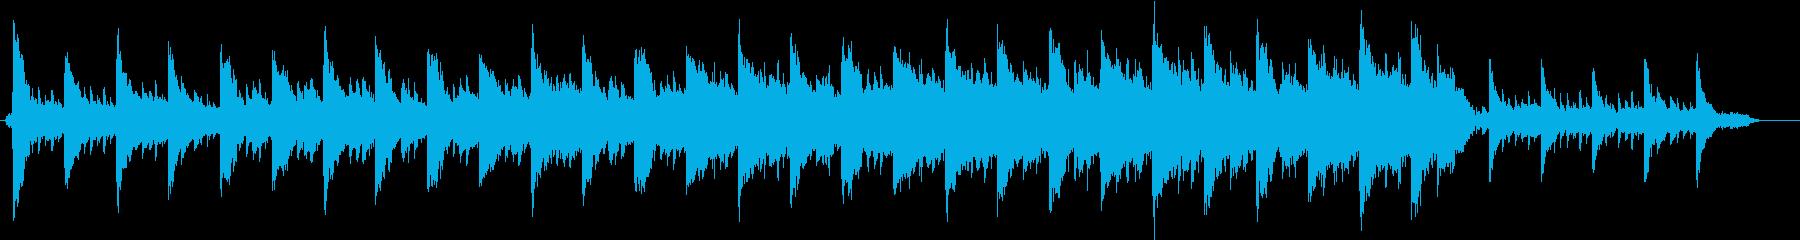 感情的なピアノの背景。の再生済みの波形